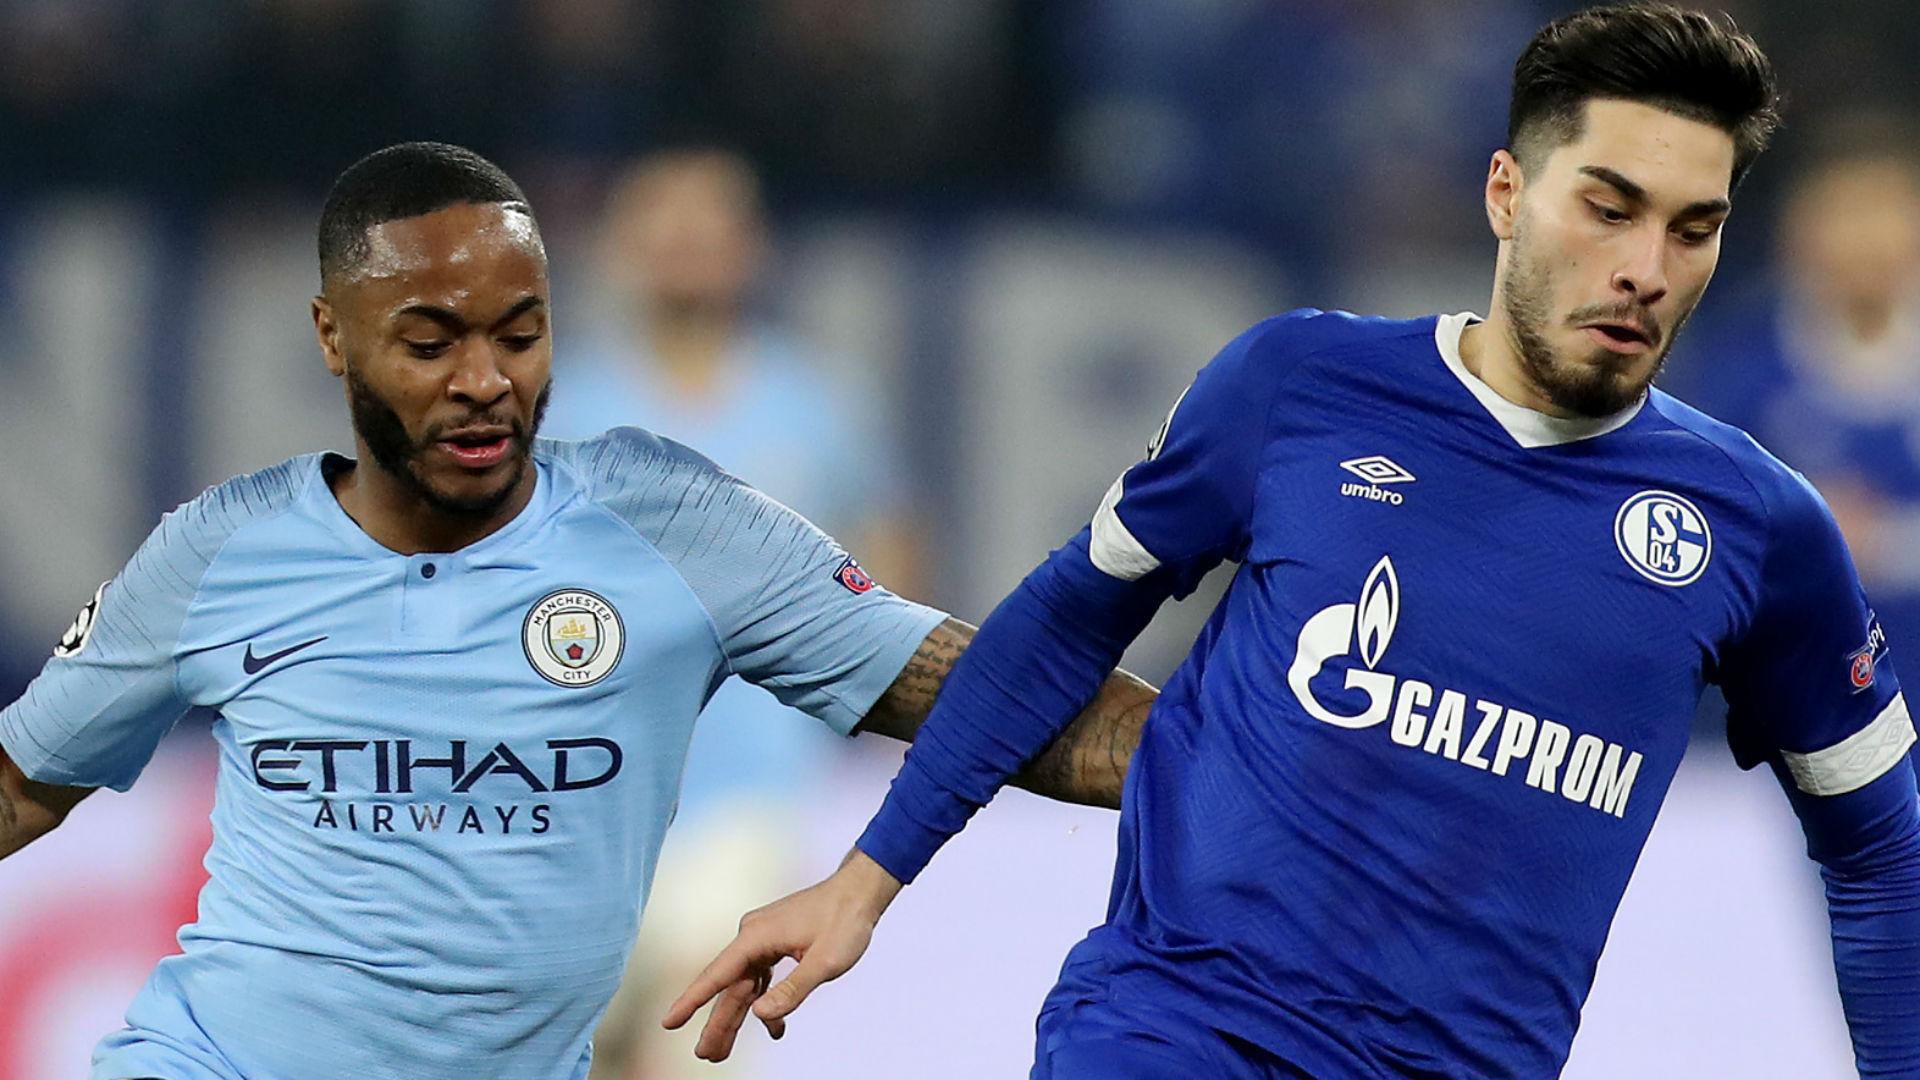 Raheem Sterling Manchester City Suat Serdar Schalke 2019